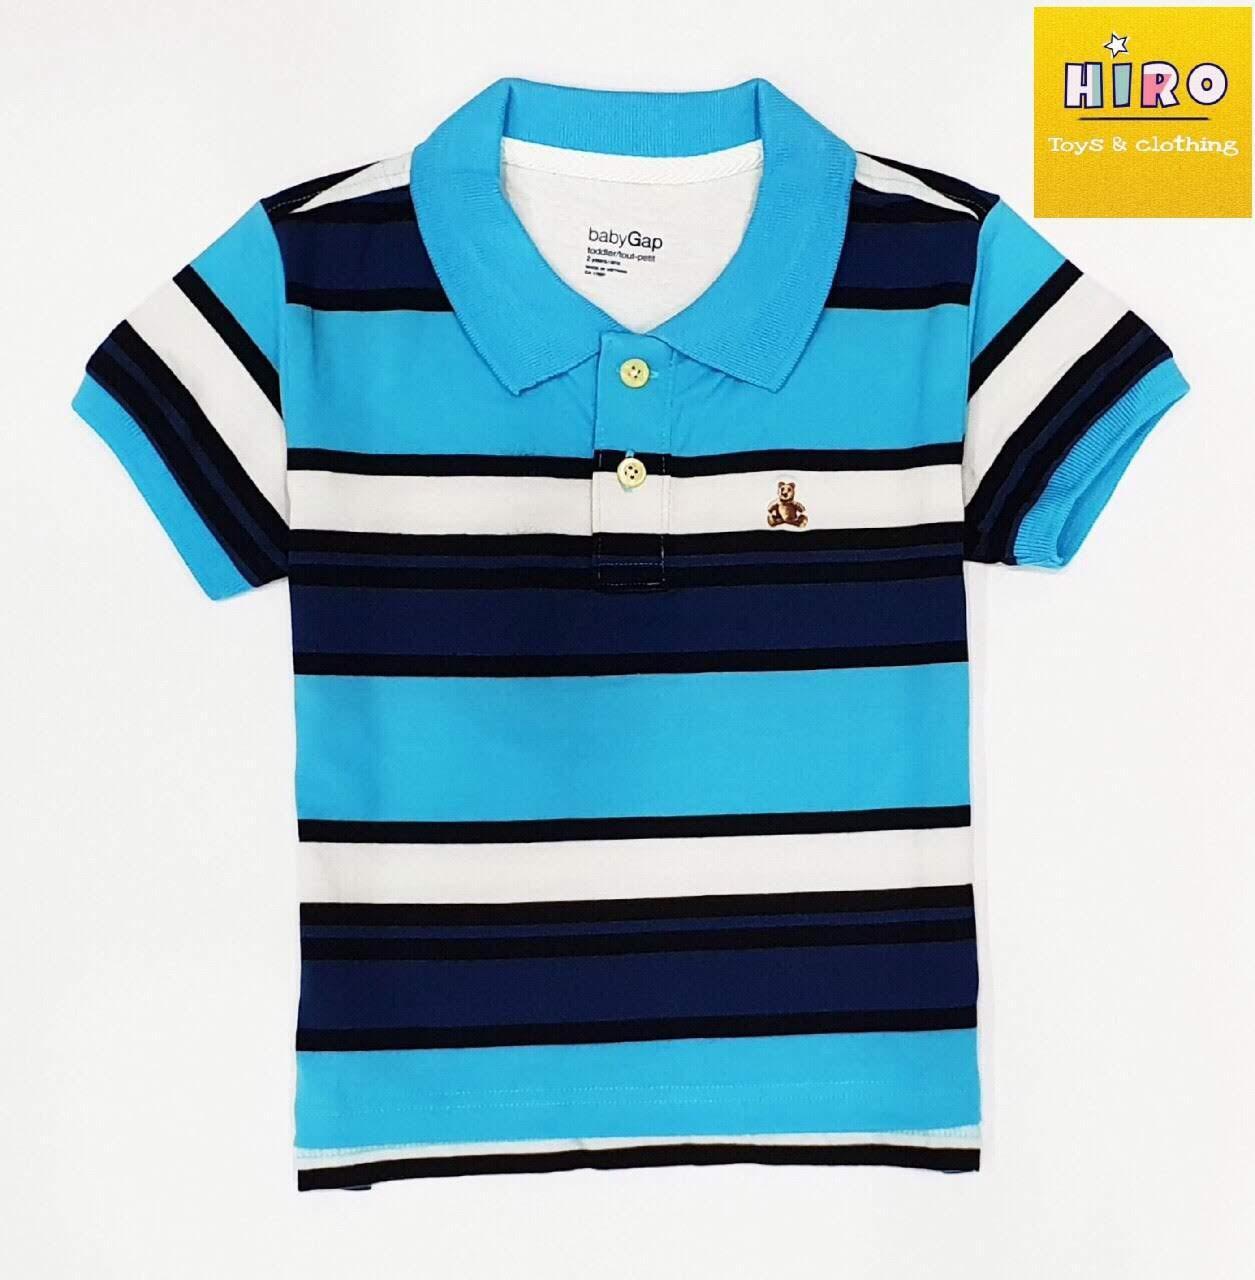 Áo bé trai xuất khẩu 10 - 45 kg, áo polo bé trai Baby Gap, áo thun có cổ cho bé, áo bé trai size đại, áo thun bé trai (nhiều màu) Nhật Bản